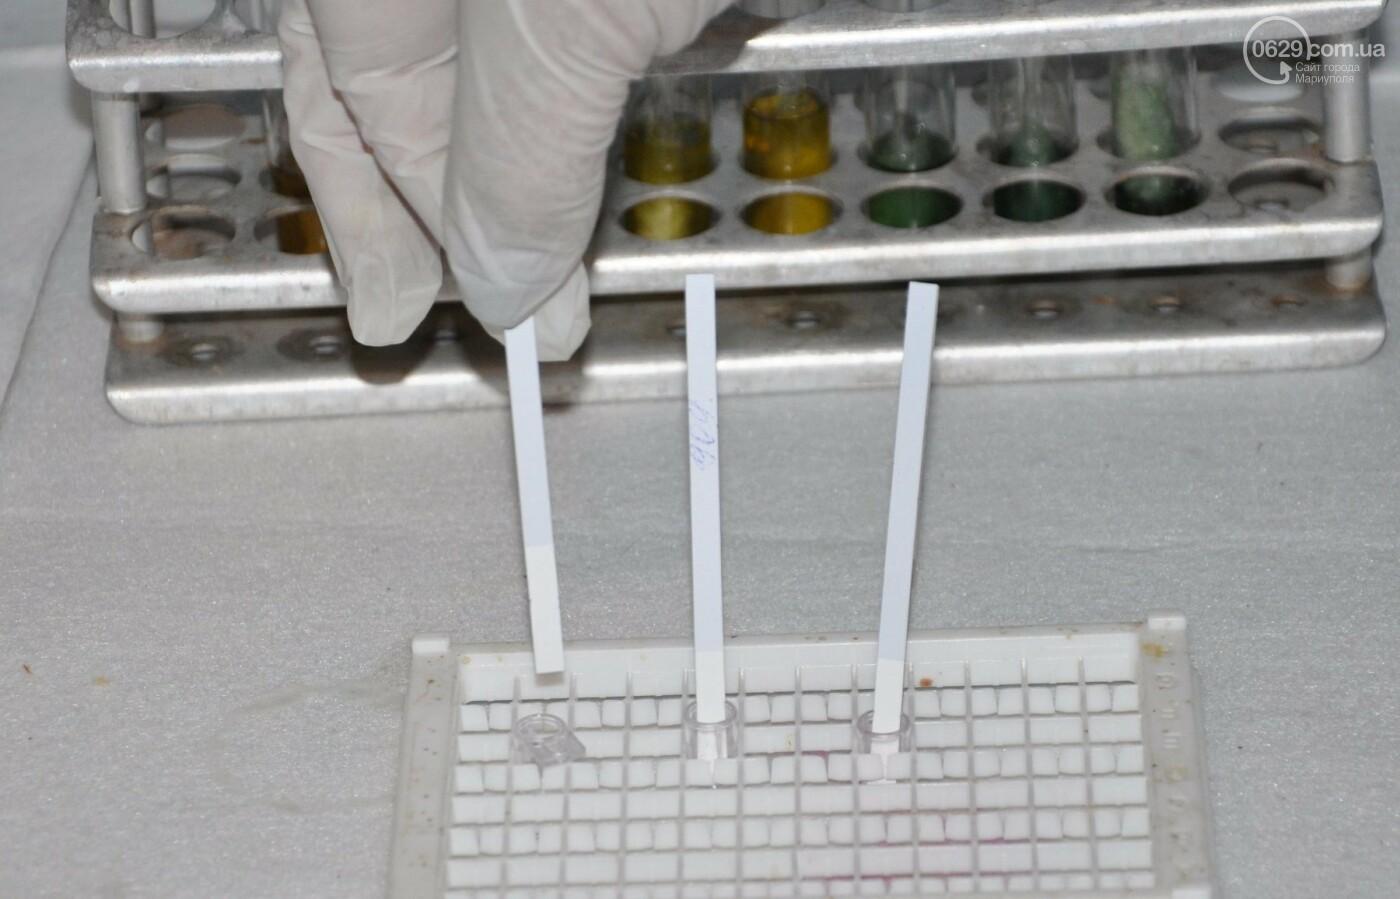 Юрий Тернавский: «Мариупольский молокозавод может напоить молоком каждого жителя Мариуполя и Приазовья», фото-36